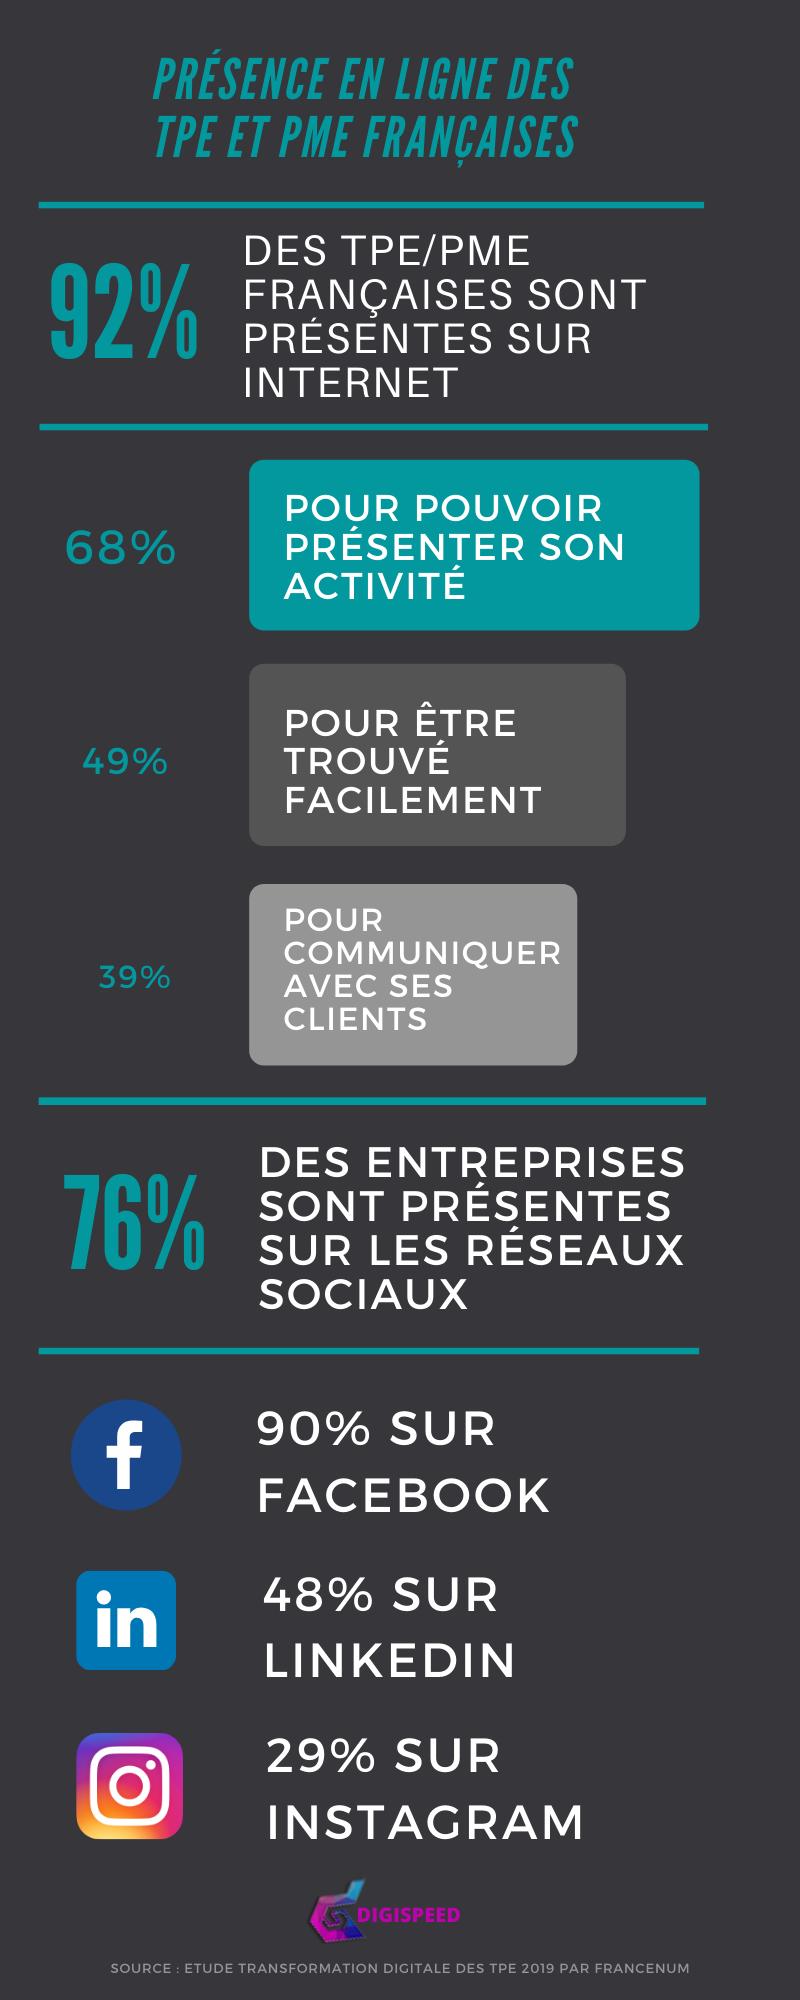 statistiques présence en ligne et transformation digitale des TPE et PME françaises